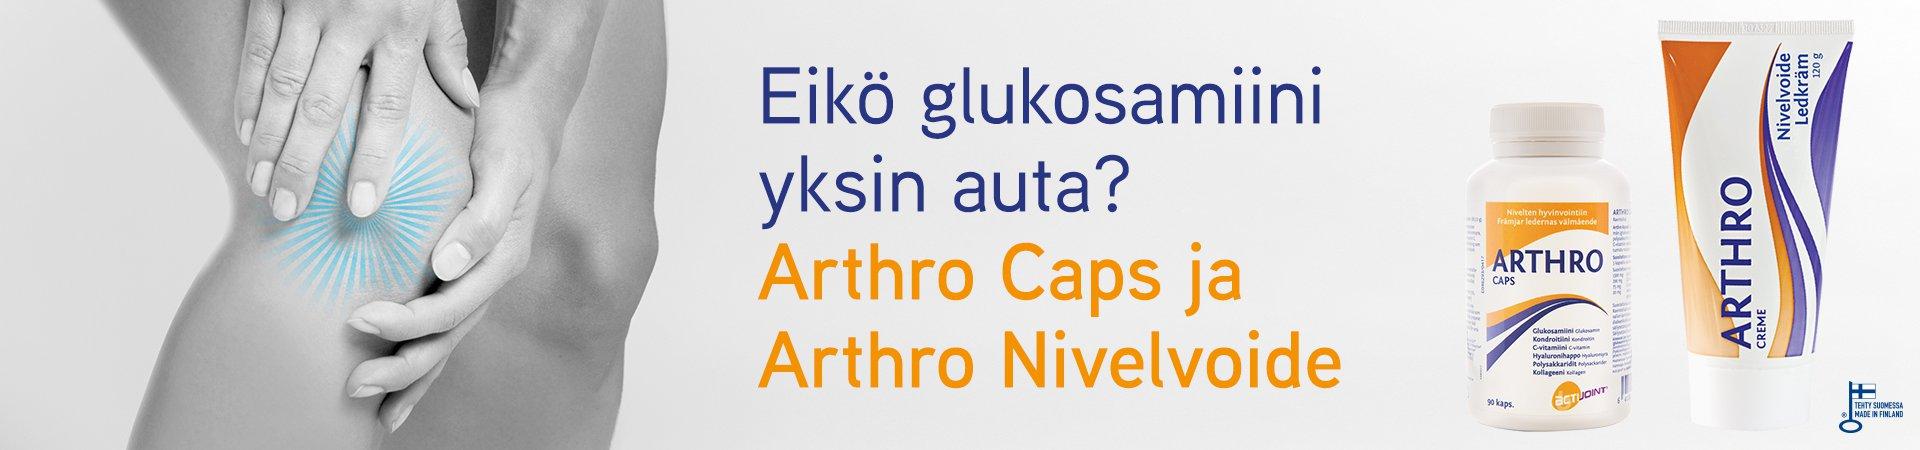 Arthro kapselit ja nivelvoide - nivelten hyvinvointiin